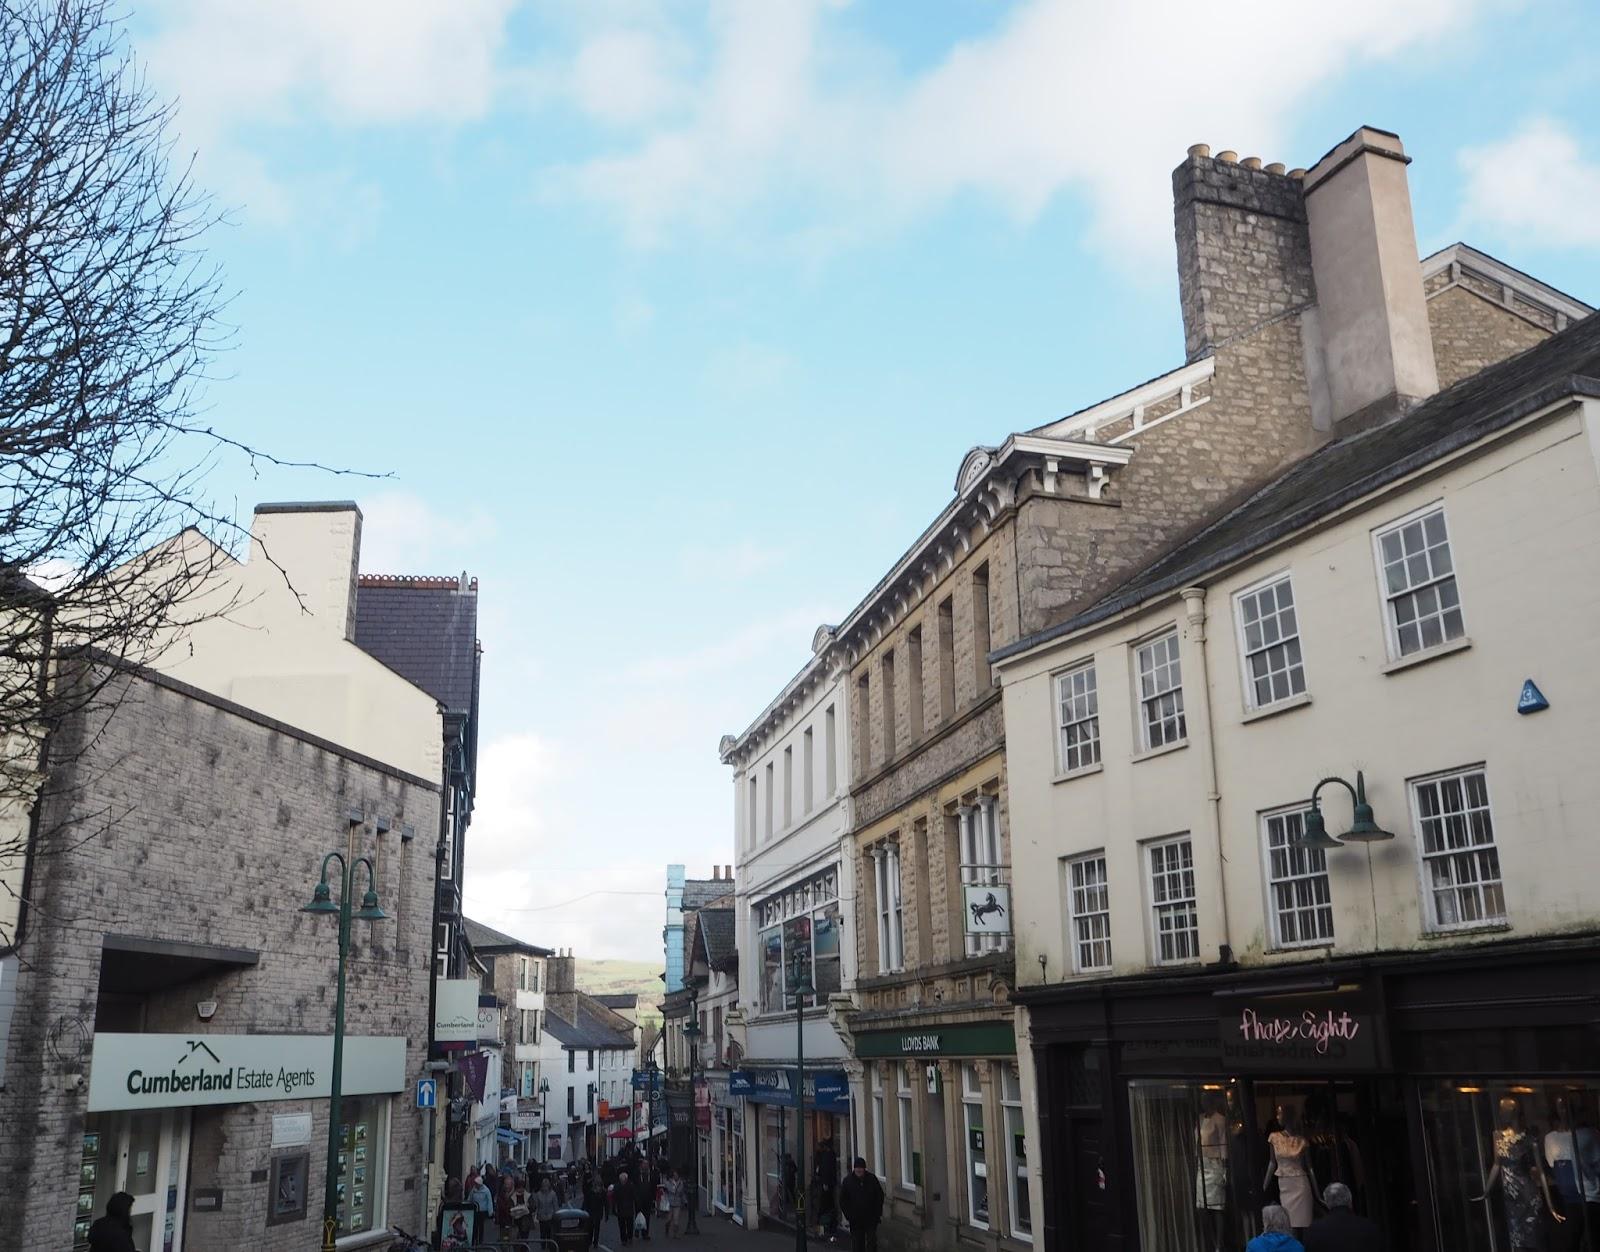 Finkle Street, Kendal